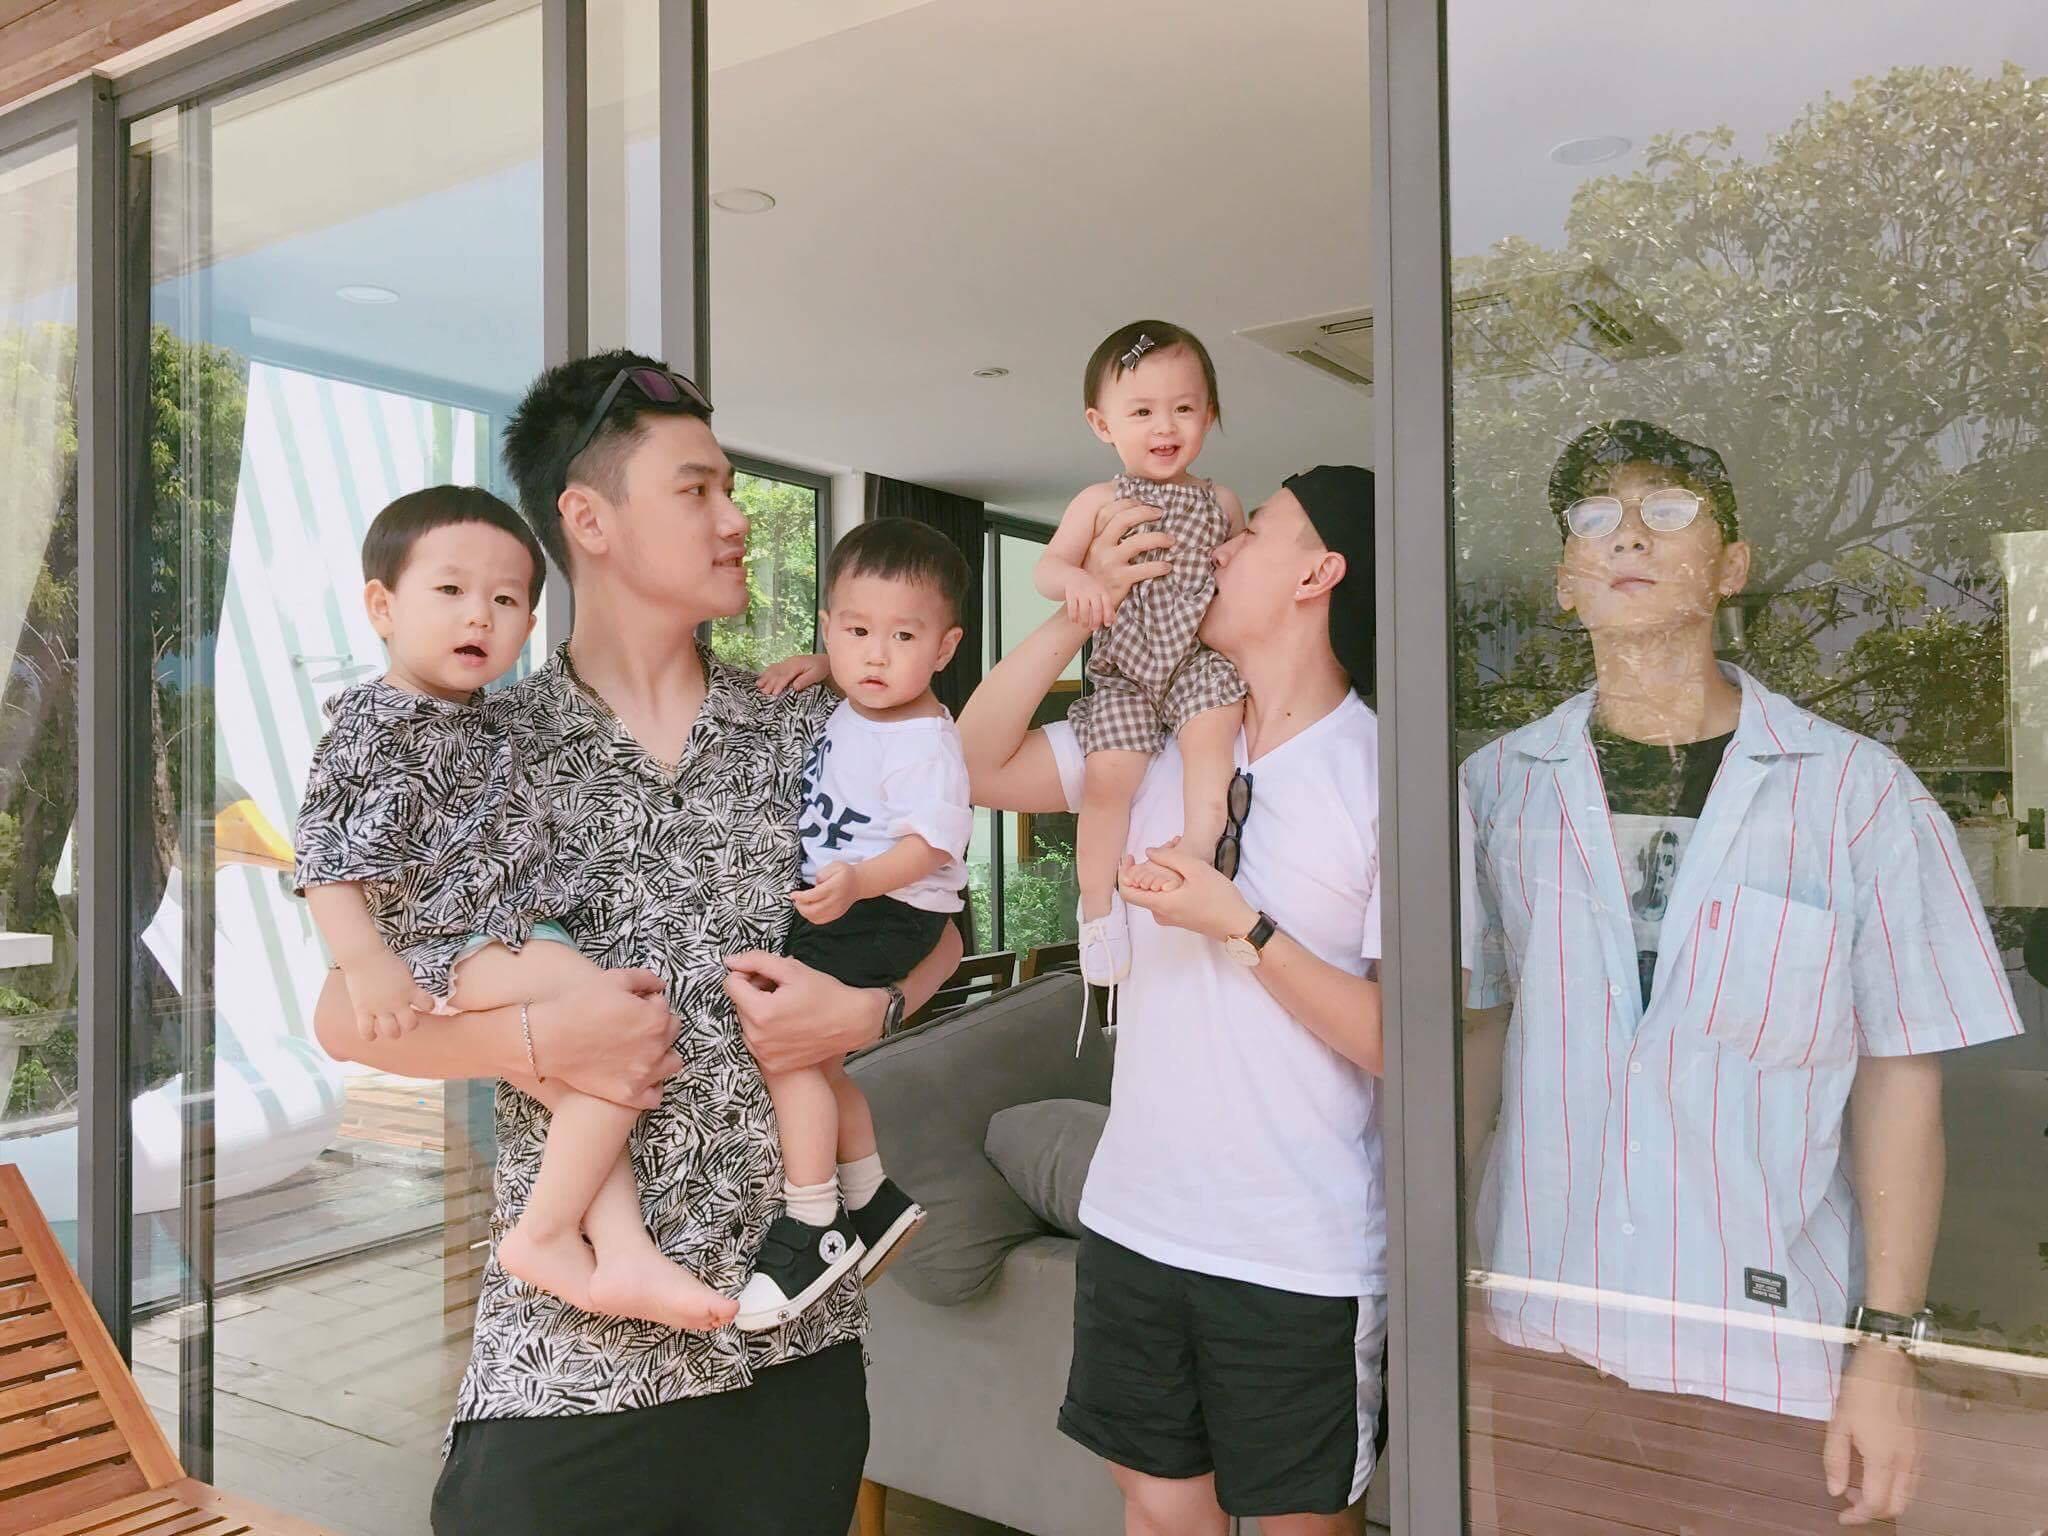 3 gia đình hot nhất MXH lại khoe ảnh cùng đi du lịch khiến dân mạng không like không được - Ảnh 7.